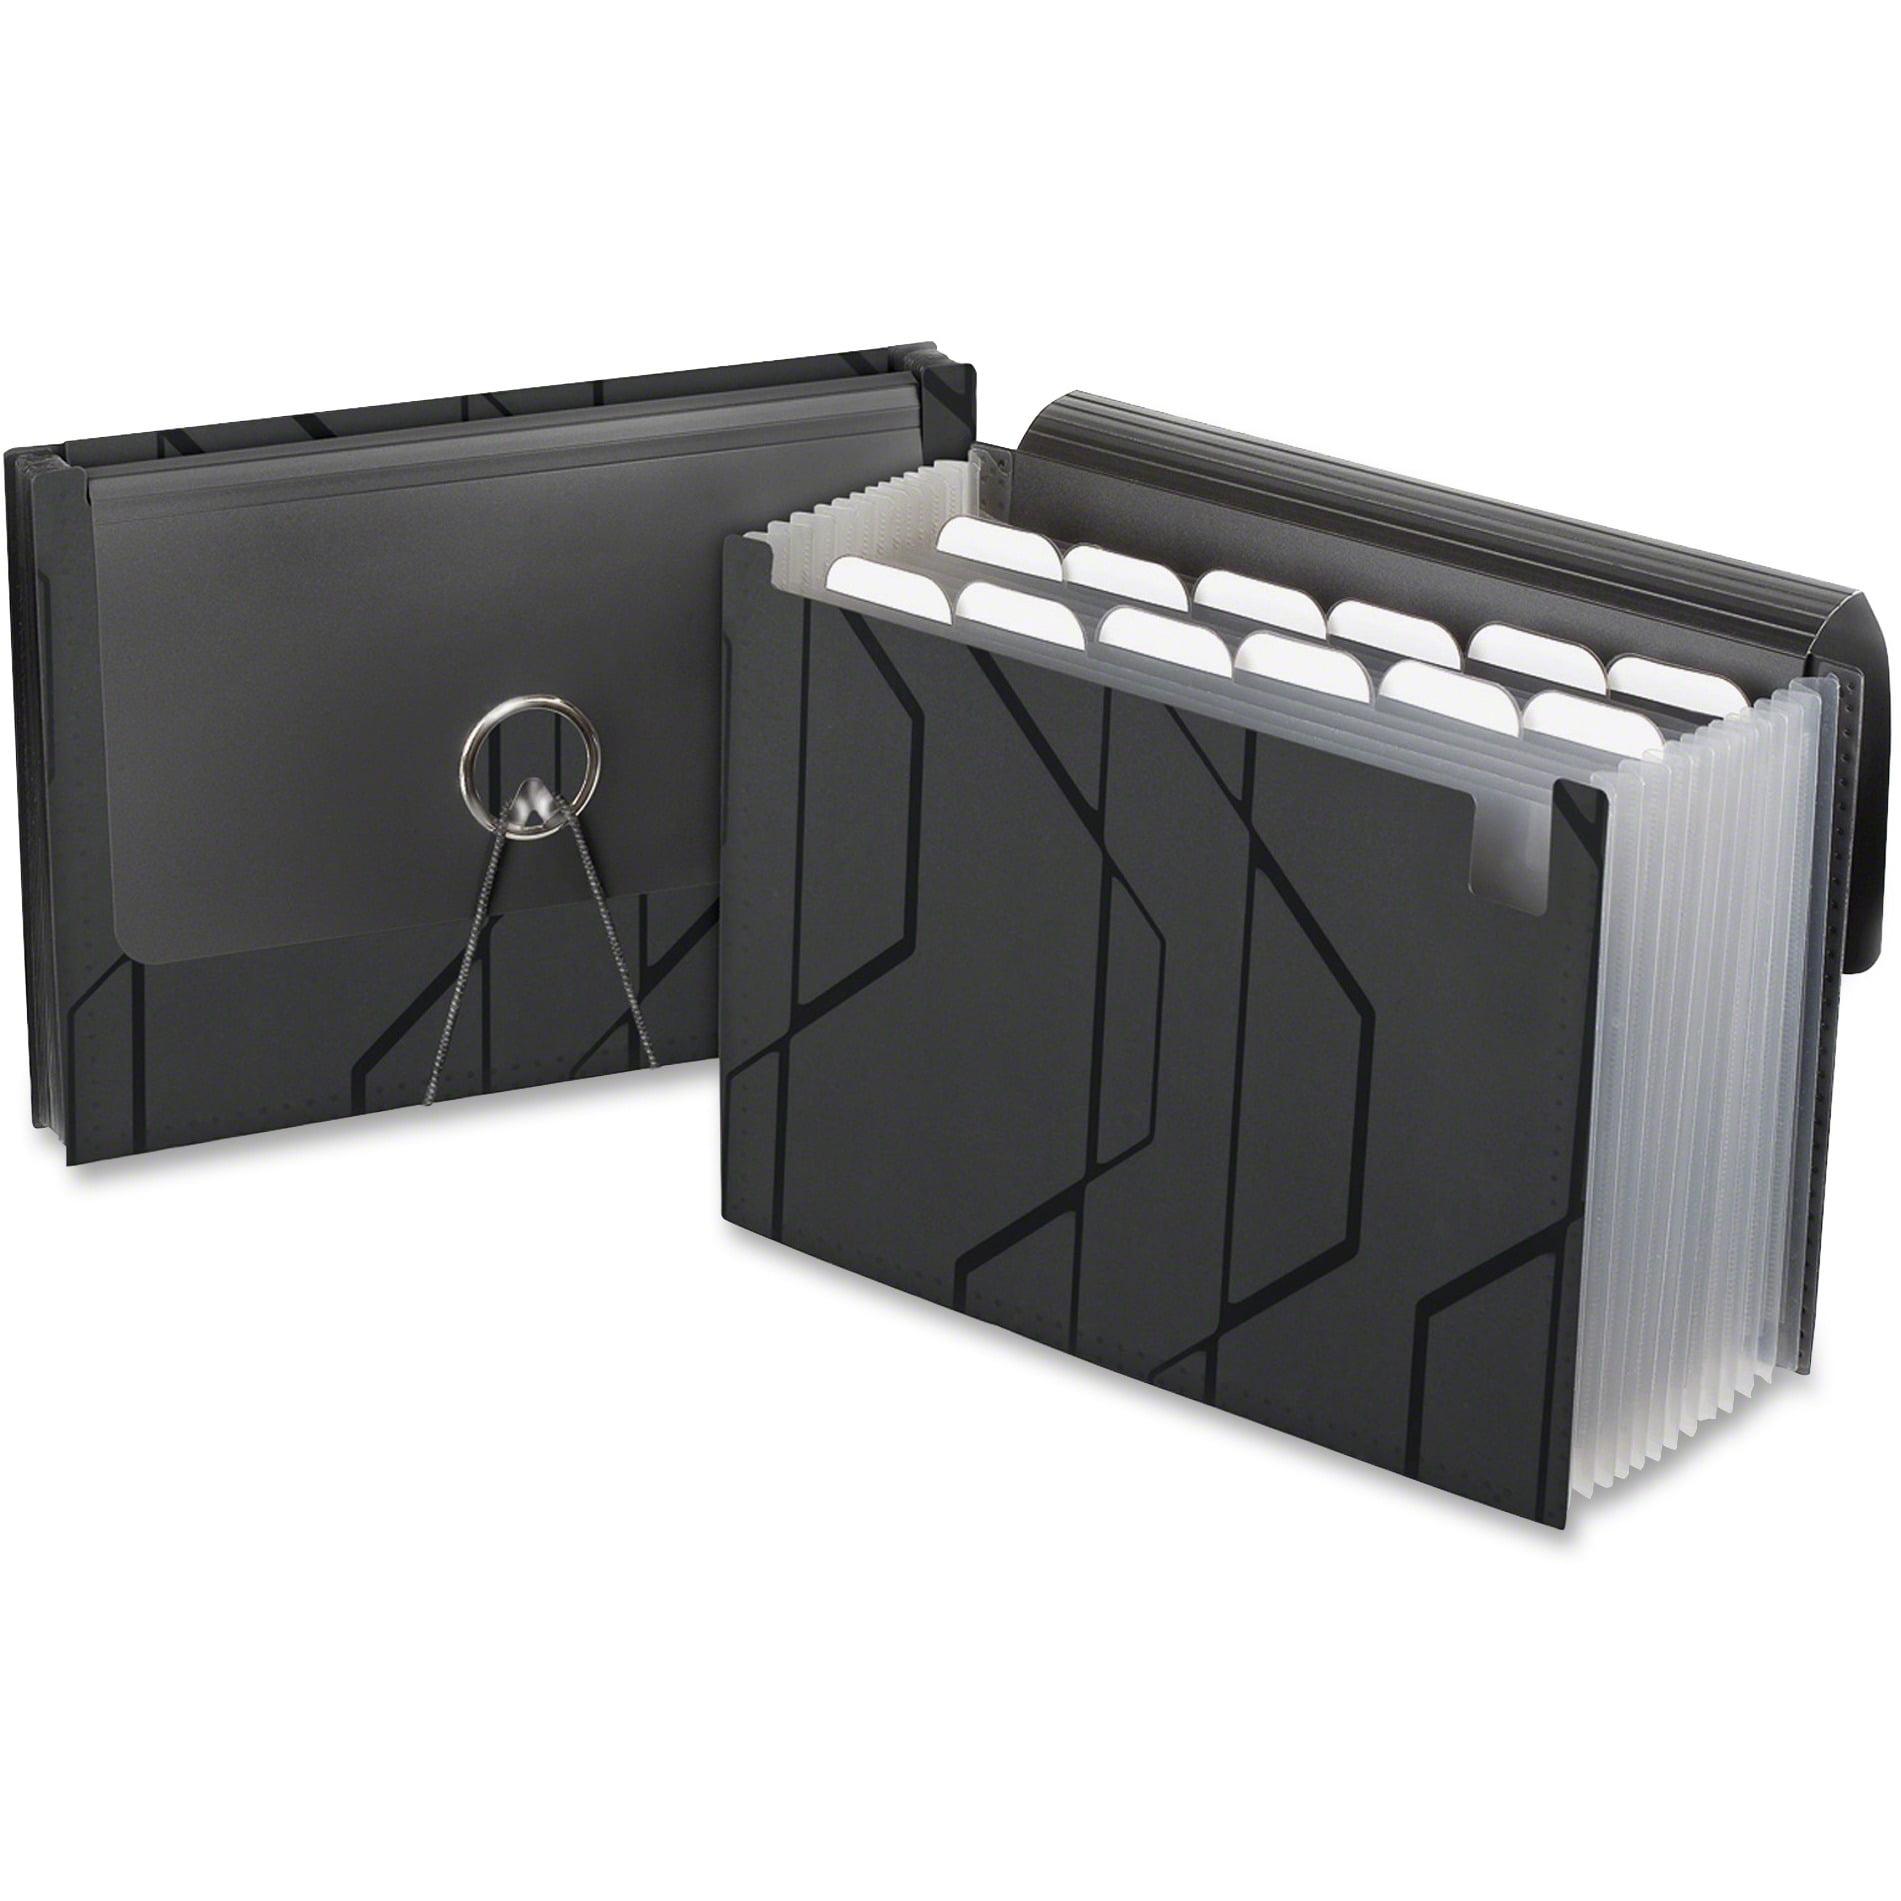 Pendaflex, PFX02327, Sliding Cover Expanding File, 1 Each, Black